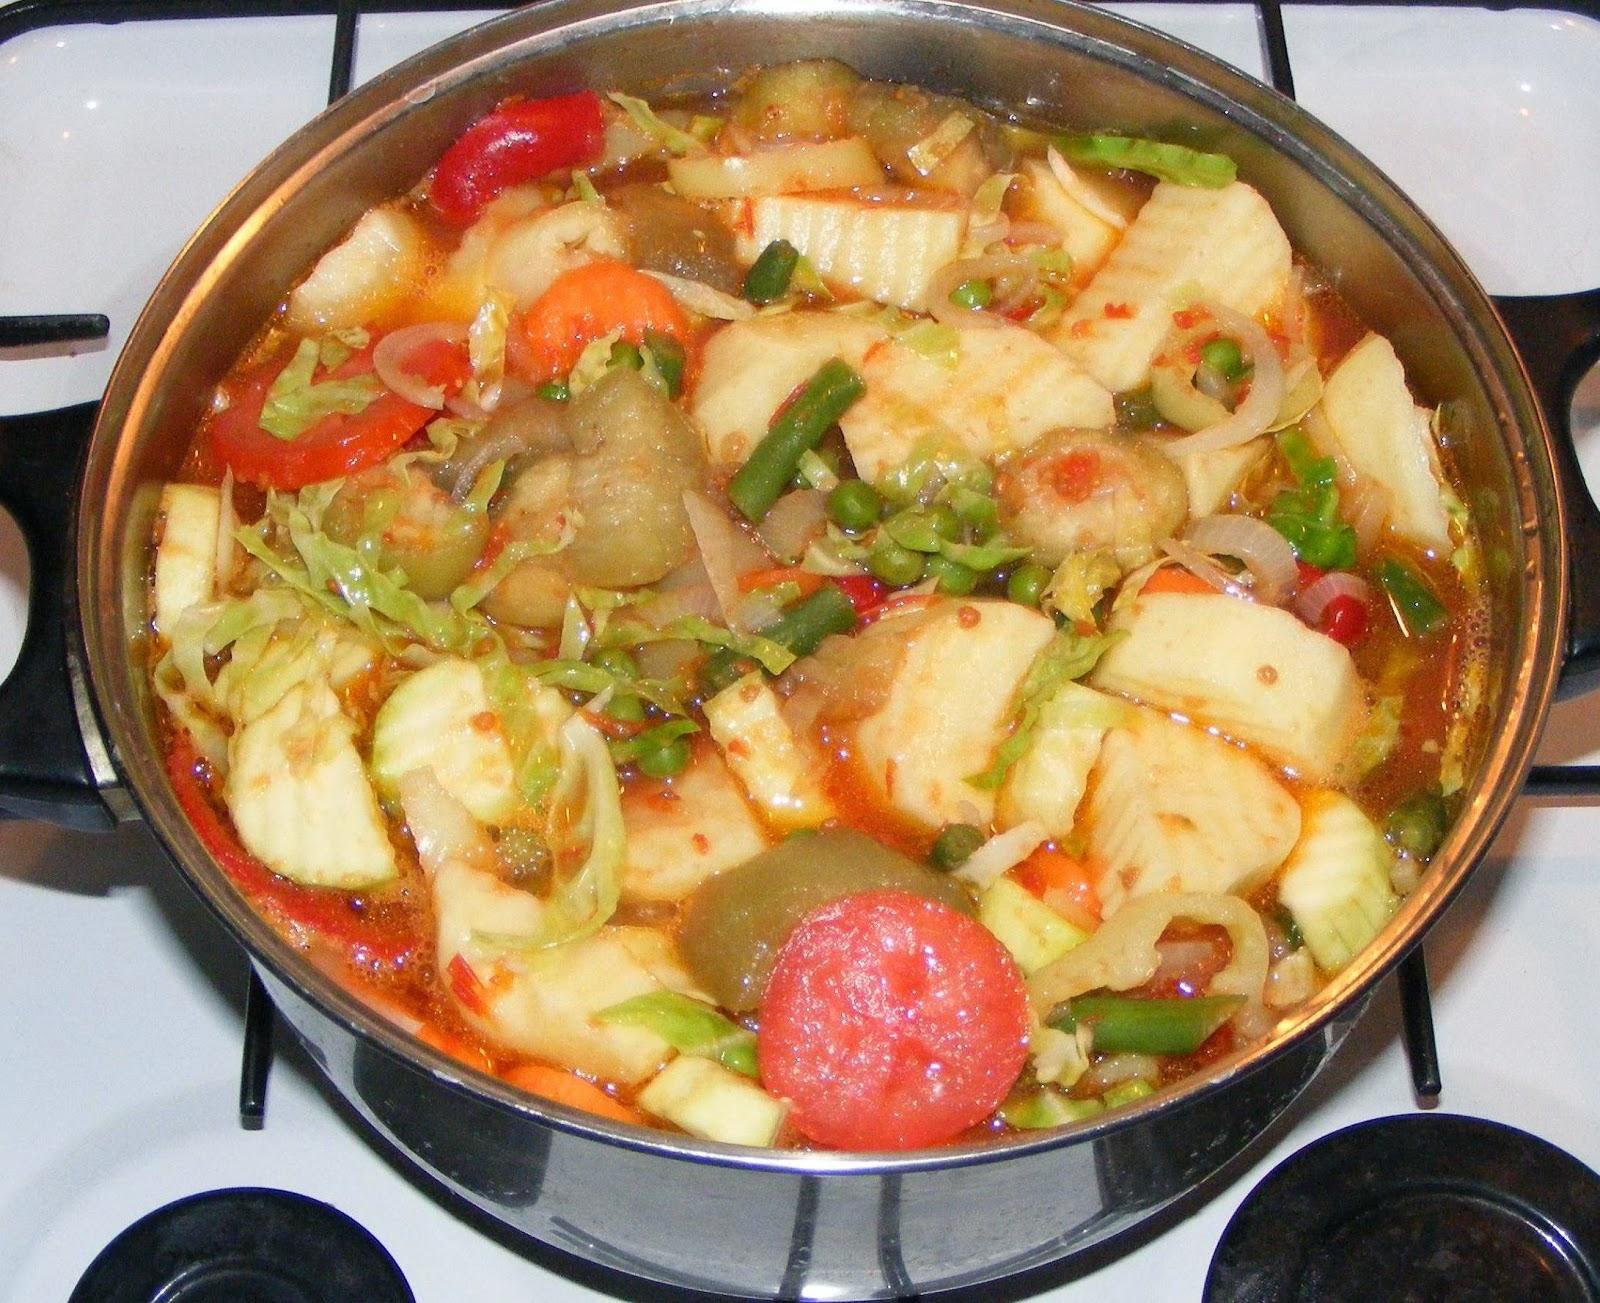 ghiveci, ghiveci de legume, ghiveci la cuptor, ghiveci de legume la cuptor, ghiveci de post, retete de post, mancaruri de post, retete culinare, preparate culinare, retete de mancare, retete cu legume, ghiveci legume, retete ghiveci, reteta ghiveci, ghiveci calugaresc,